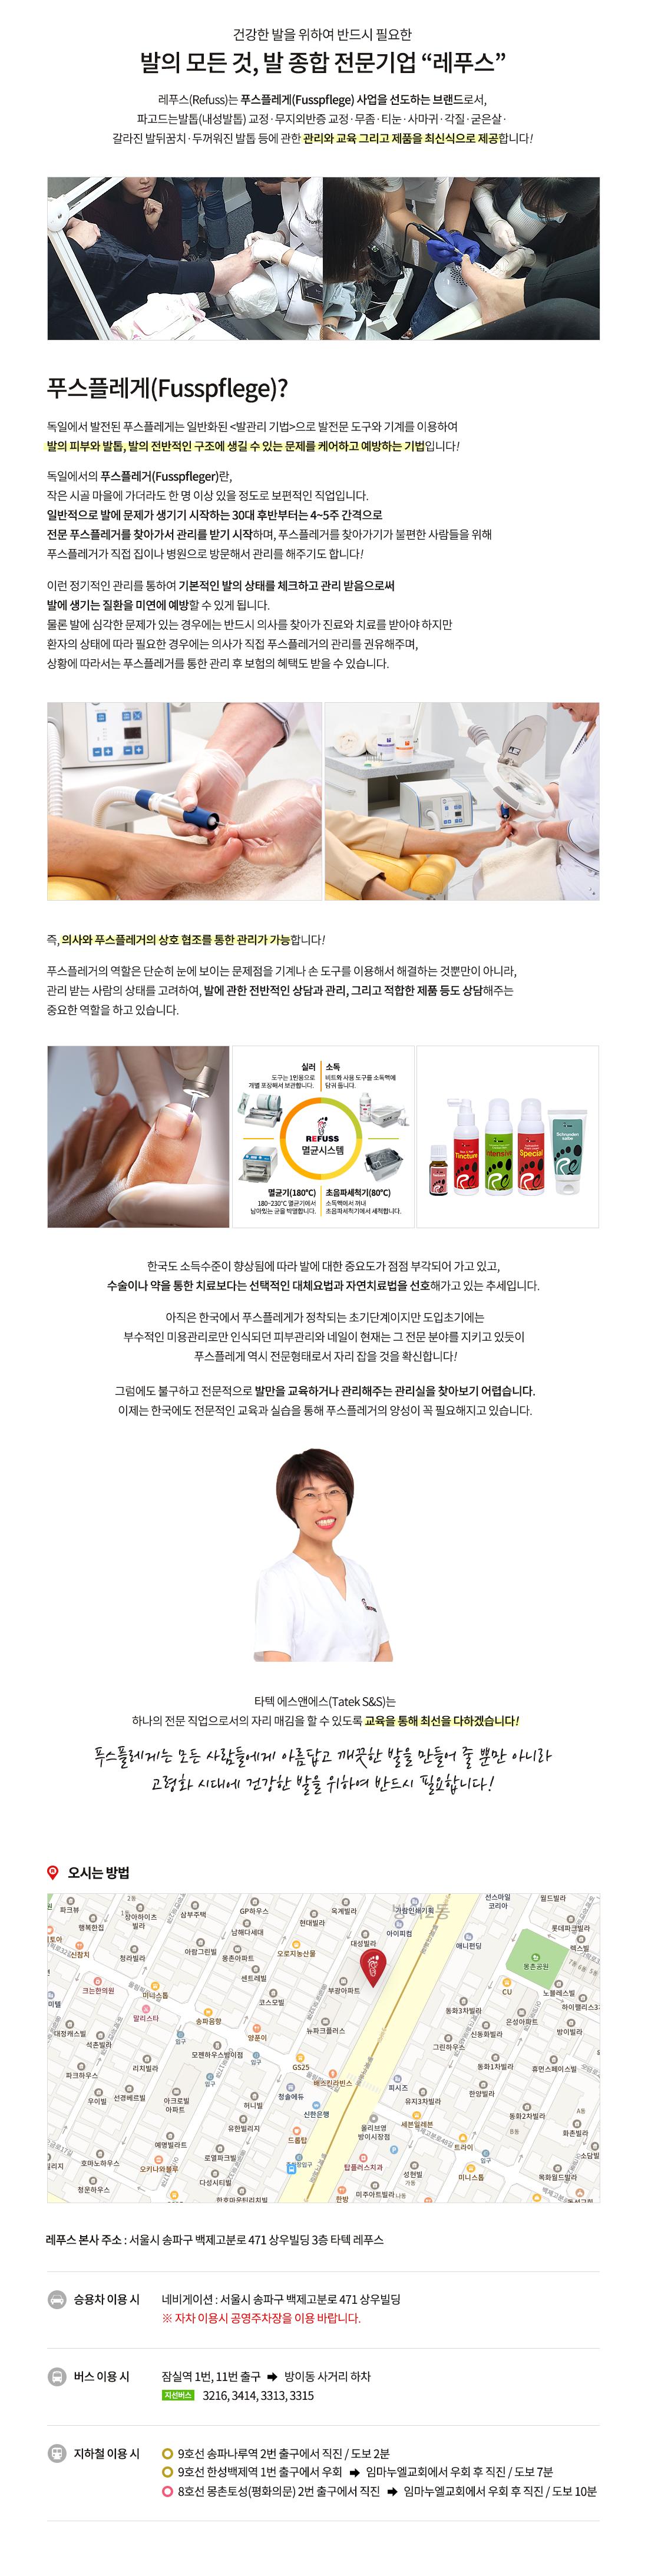 레푸스_쇼핑몰_회사소개.png